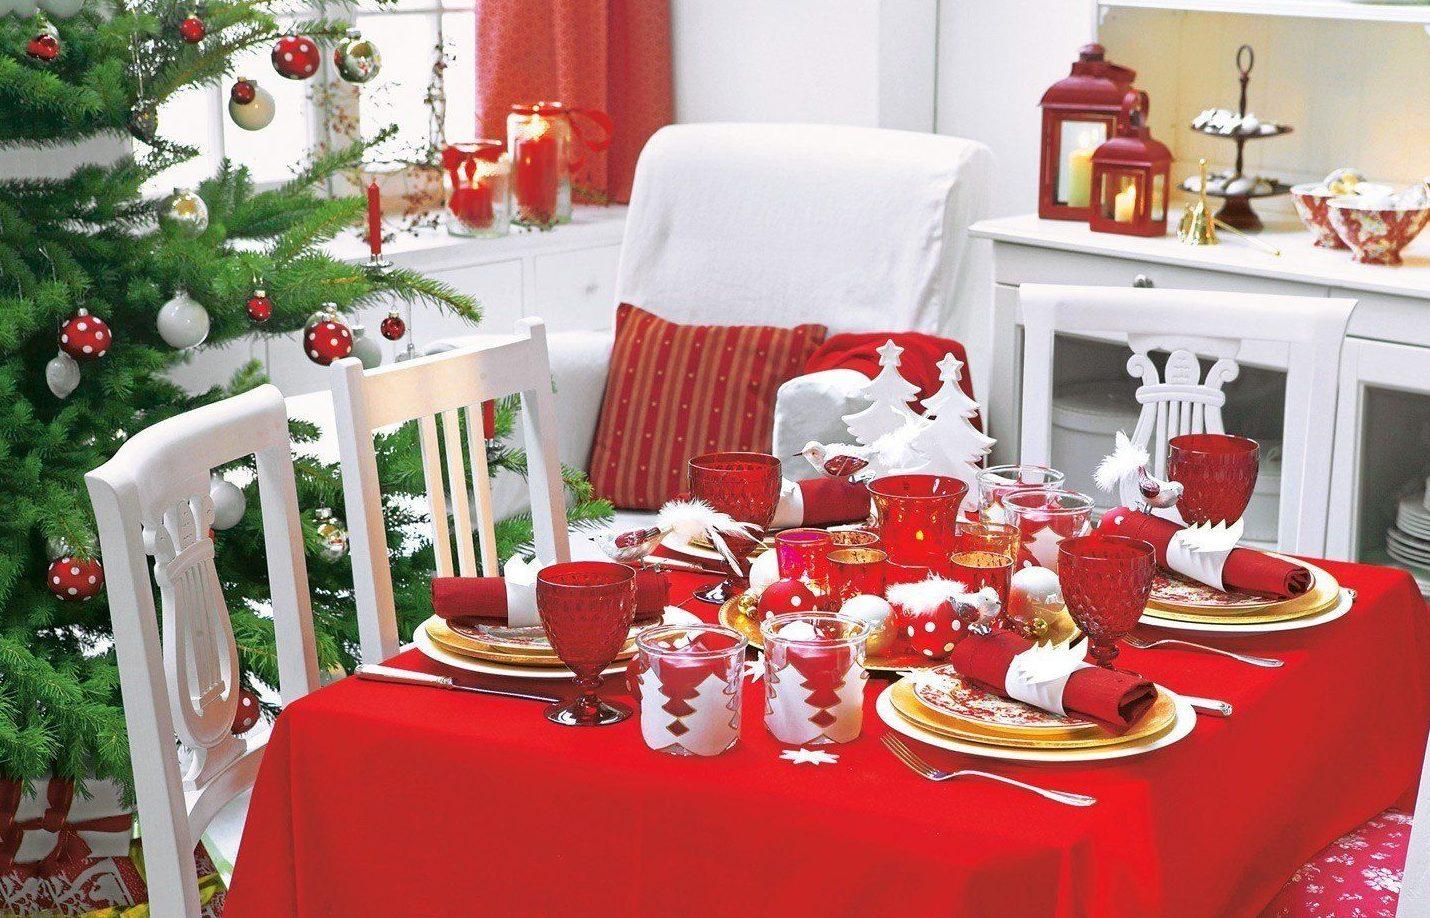 Новогодний стол с красной скатертью